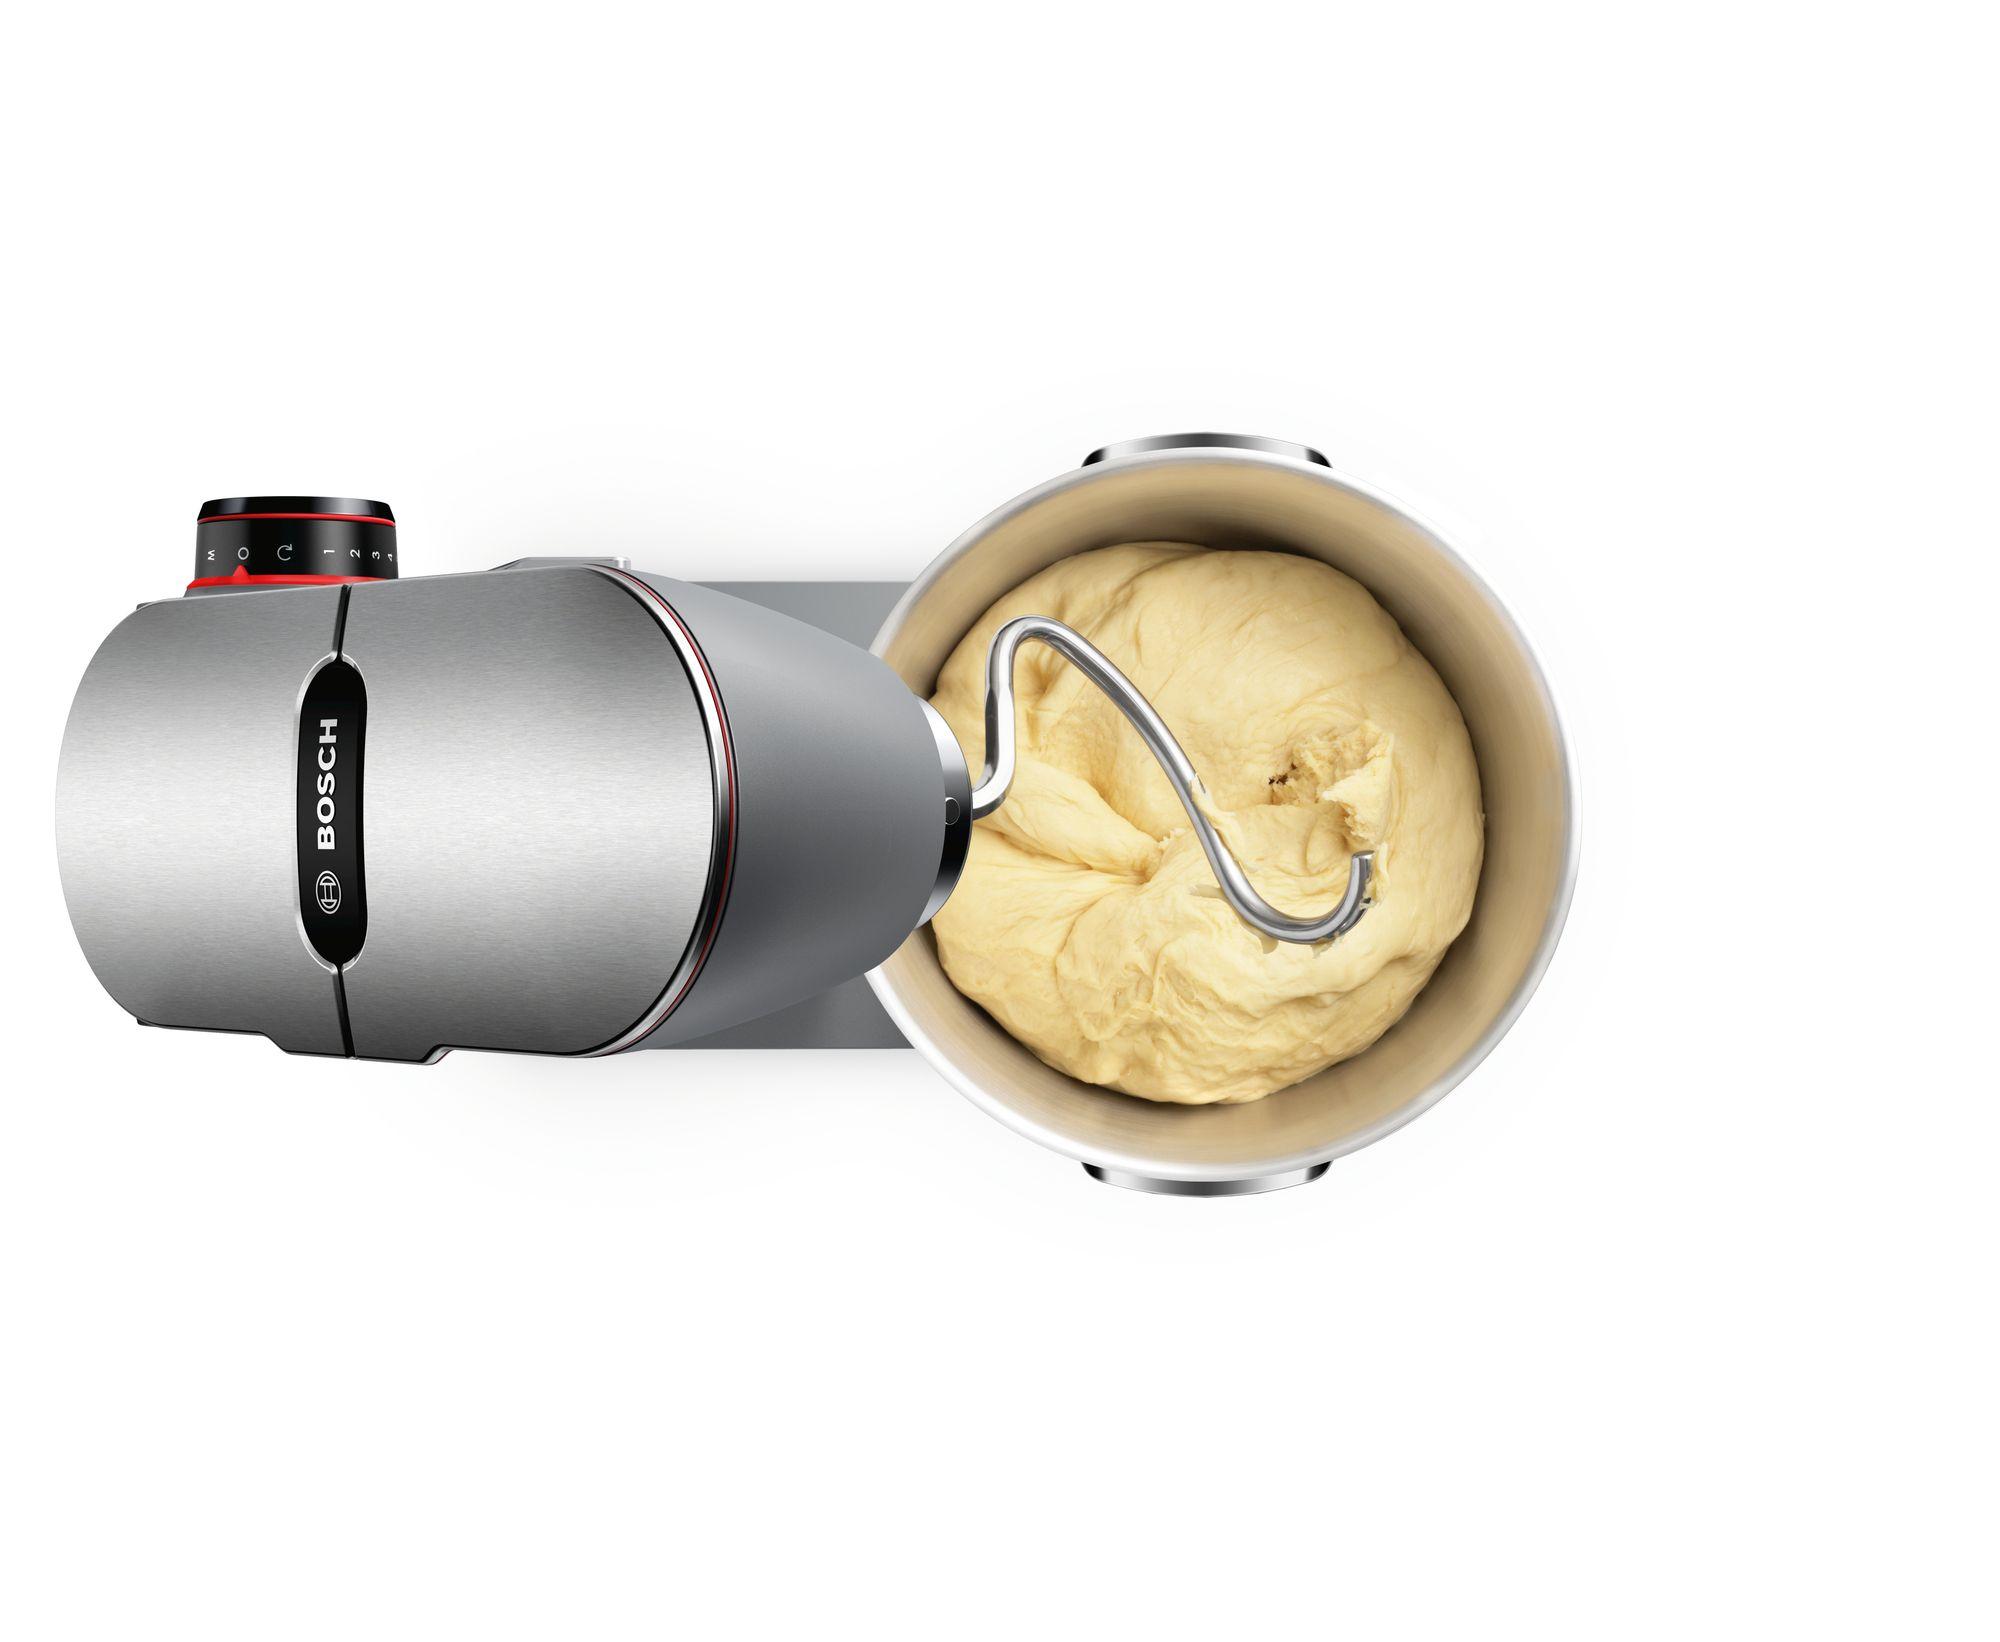 Bosch Universal Kuchenmaschine Mum9d64s11 Psi24 Com